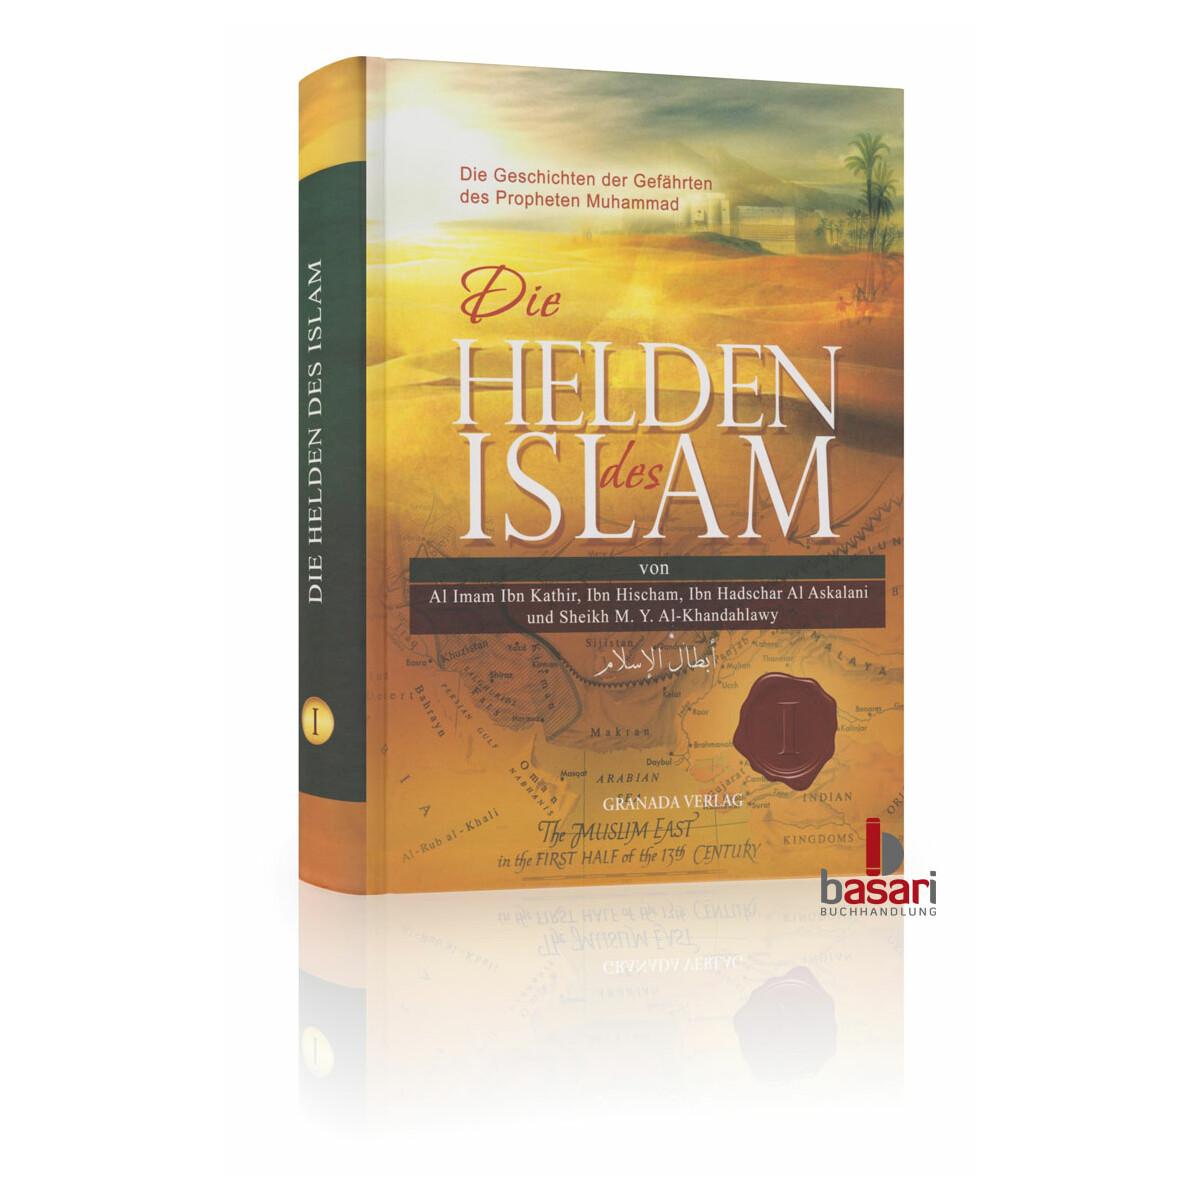 helden muslim Salahuddin ᴴᴰ ┇ helden des islam ┇ bdi wir muslime haben eine glorreiche geschichte, die von glorreichen persönlichkeiten geschrieben und geprägt wurde eine.